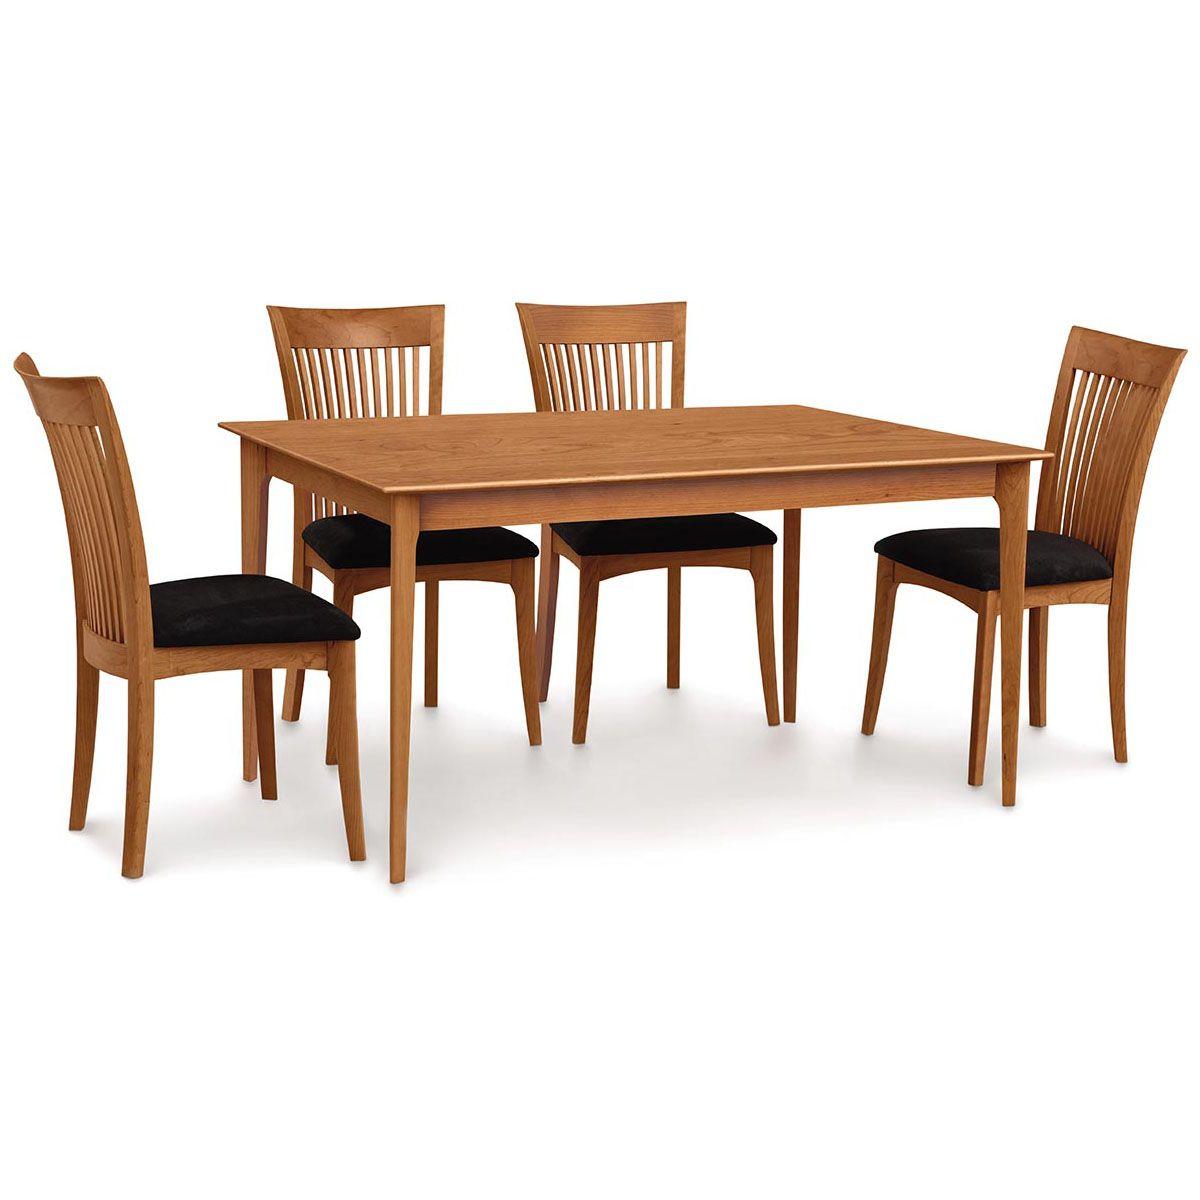 Copeland Sarah 36 X 60 Four Leg Fixed Top Dining Table 6 Sar 03